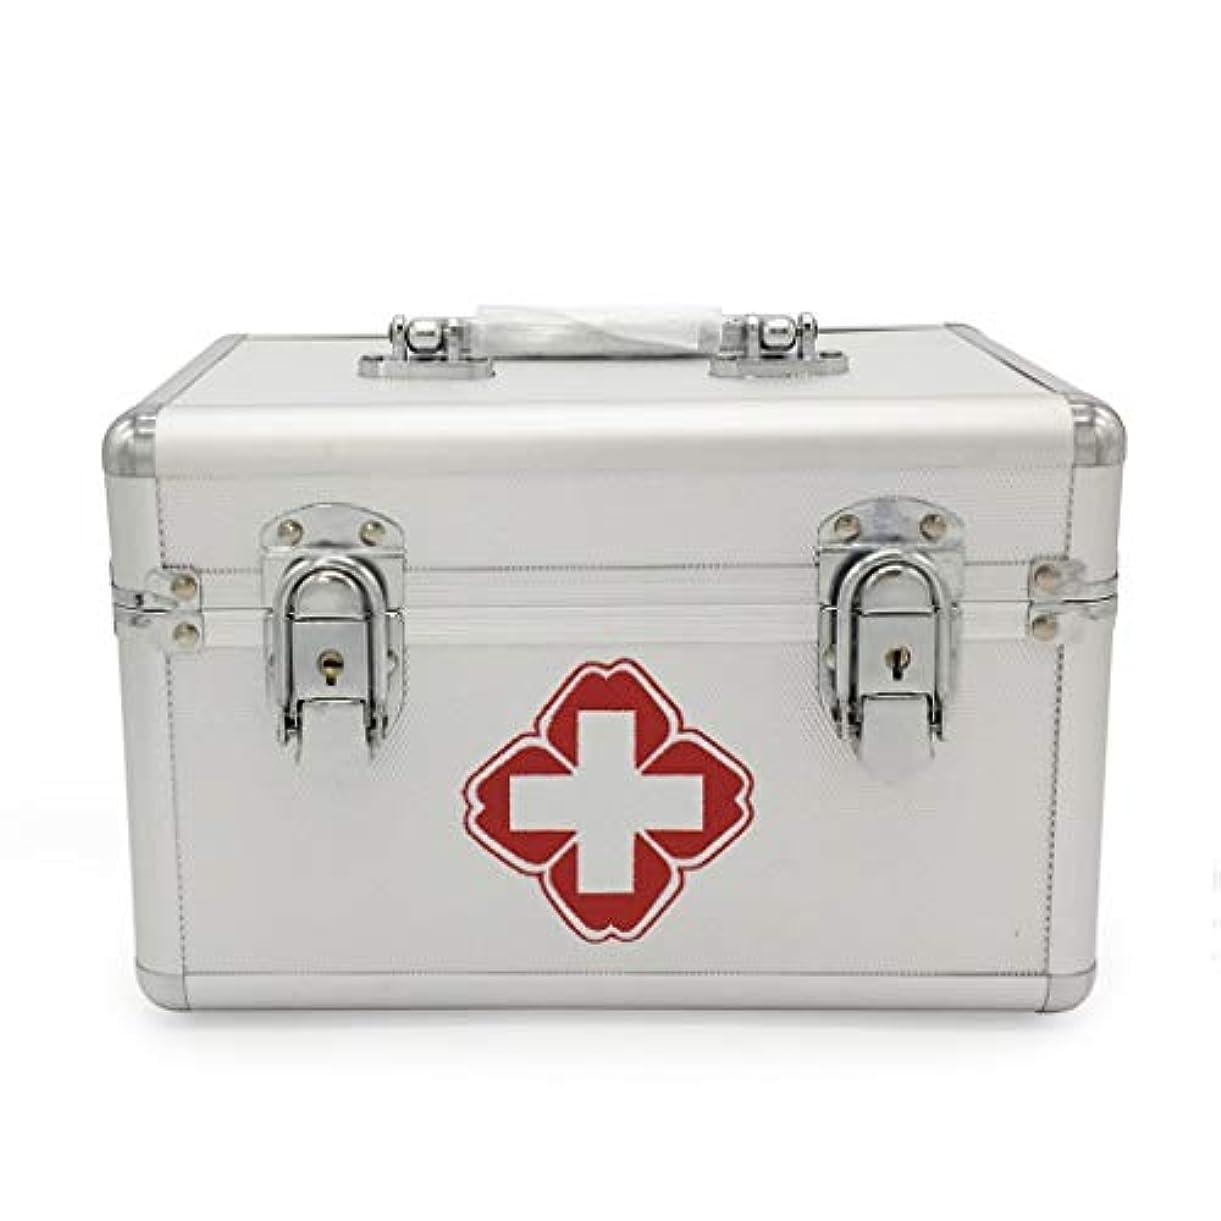 句接続詞フェミニンIVHJLP 薬のキャビネット、ハンドルが付いている銀製の救急箱、家、旅行及び職場のための2つの層の医学の収納キット (Size : M)